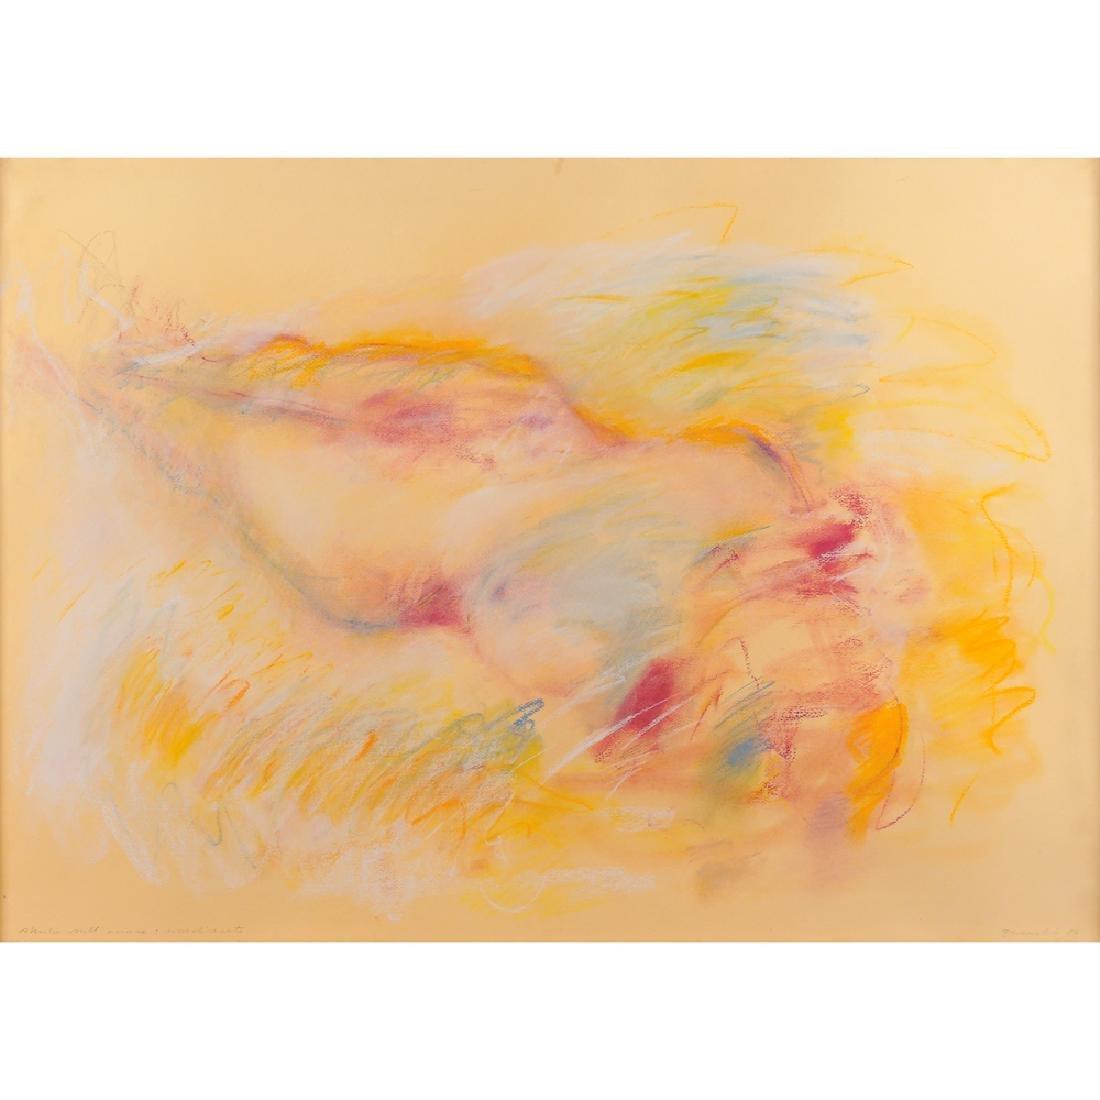 Maril— Eustachio Merano 1934 70x100 cm.